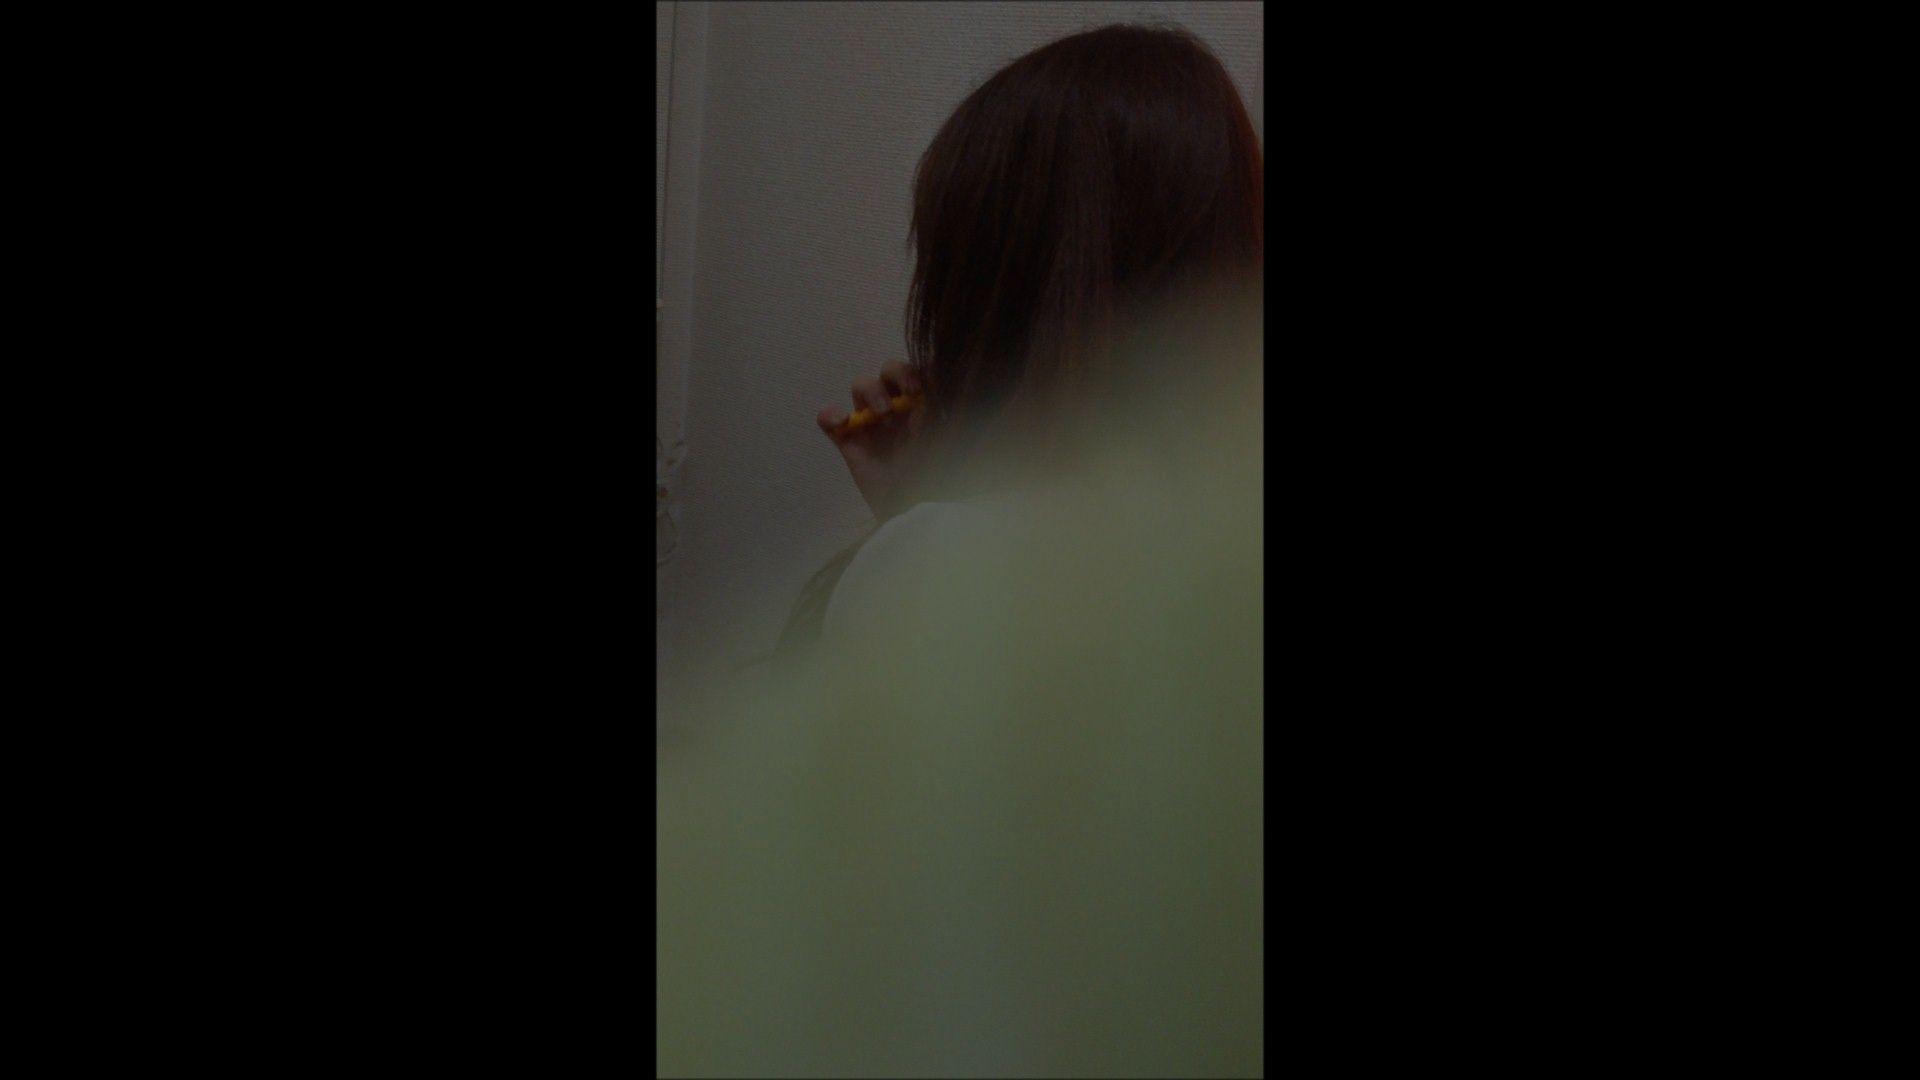 08(8日目)メイク中の彼女の顔を撮りました! いやらしいOL  51連発 36